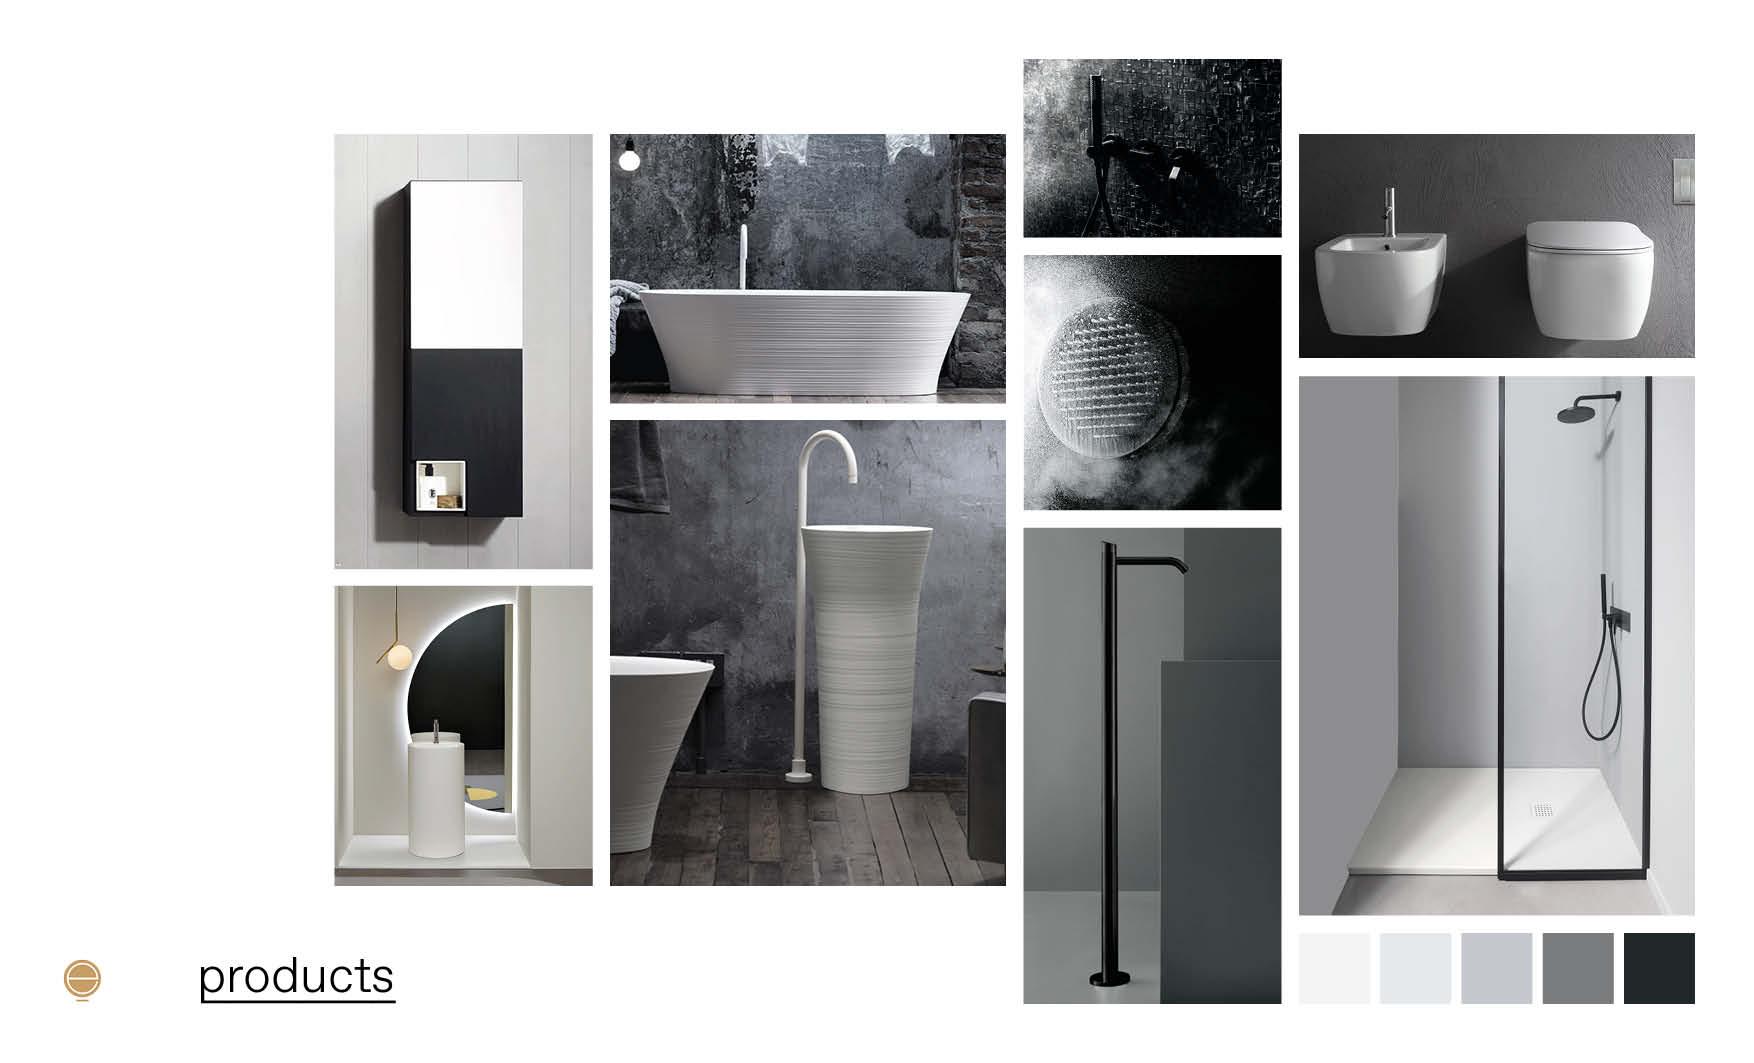 black&white contemporary Italian bathroom furniture moodboard design by Esperiri Milano